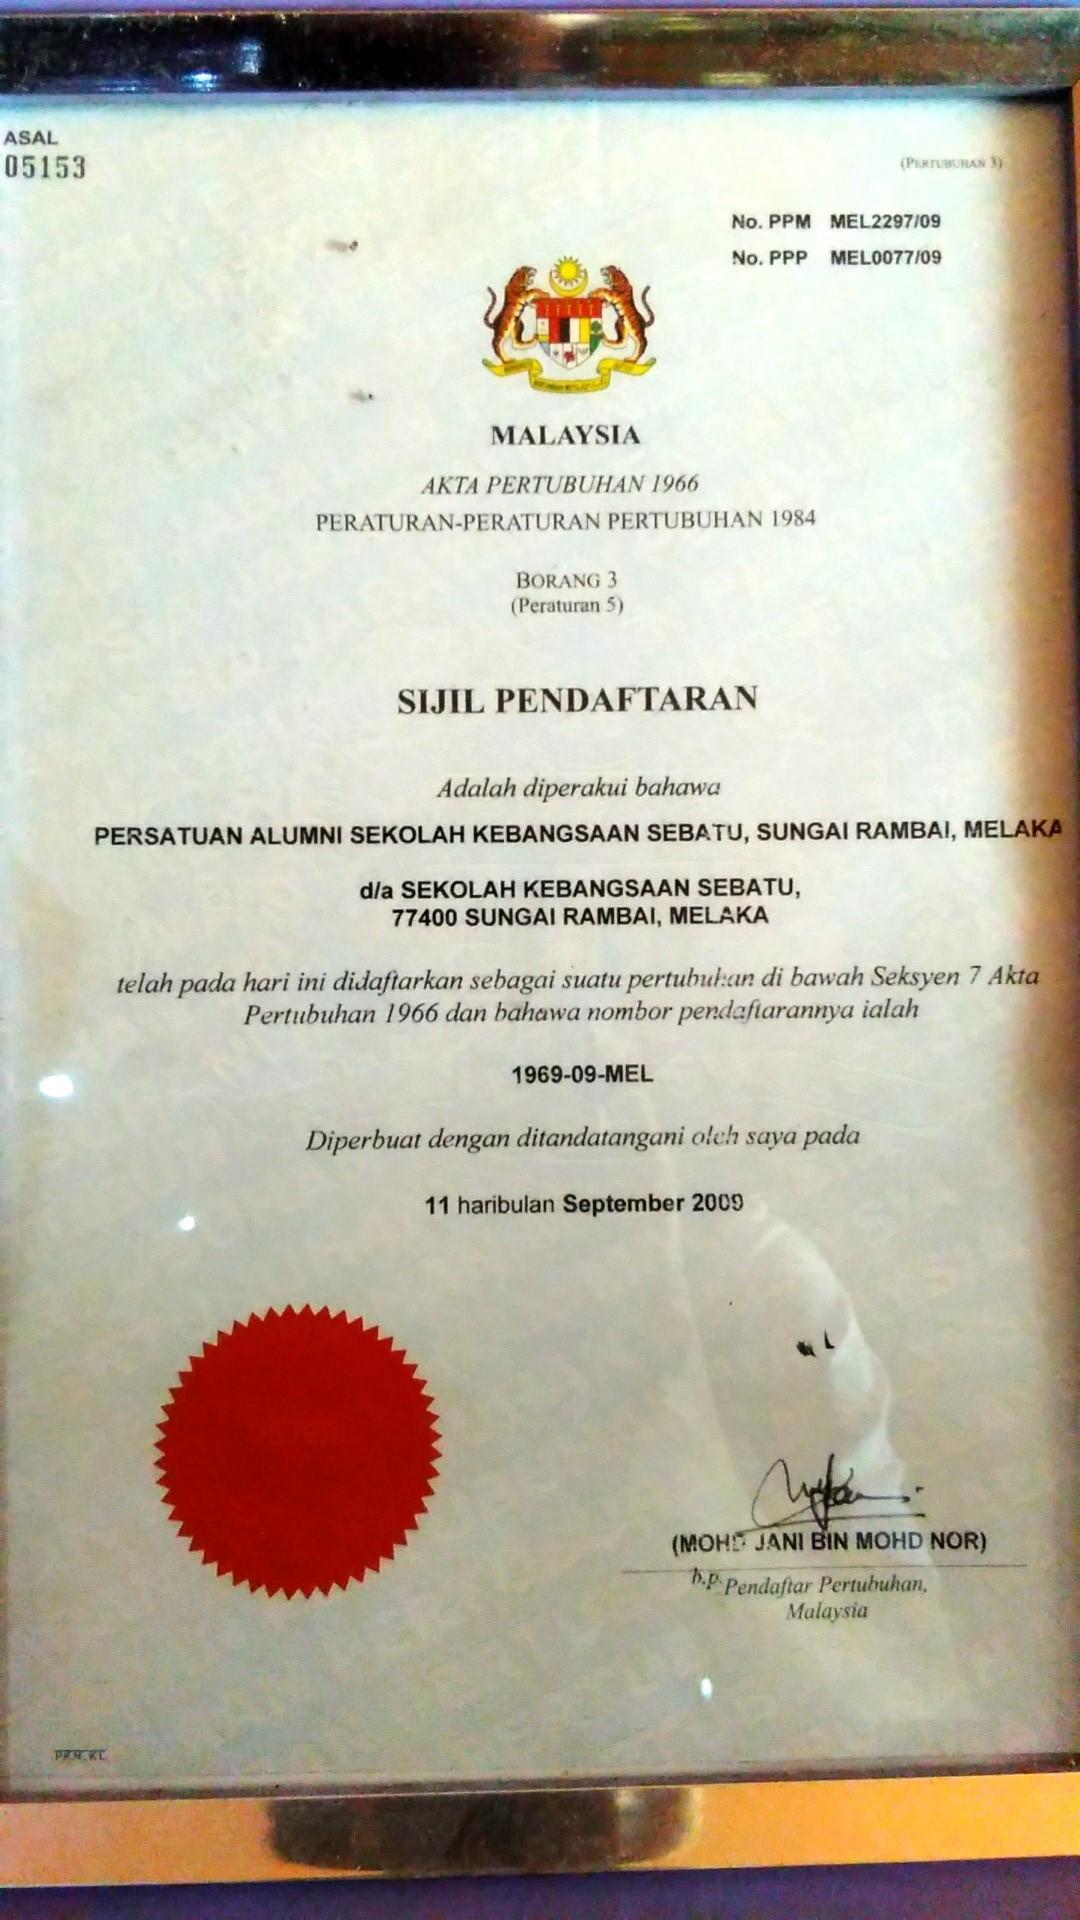 File Sijil Pendaftaran Persatuan Alumni Sk Sebatu Jpg Wikimedia Commons